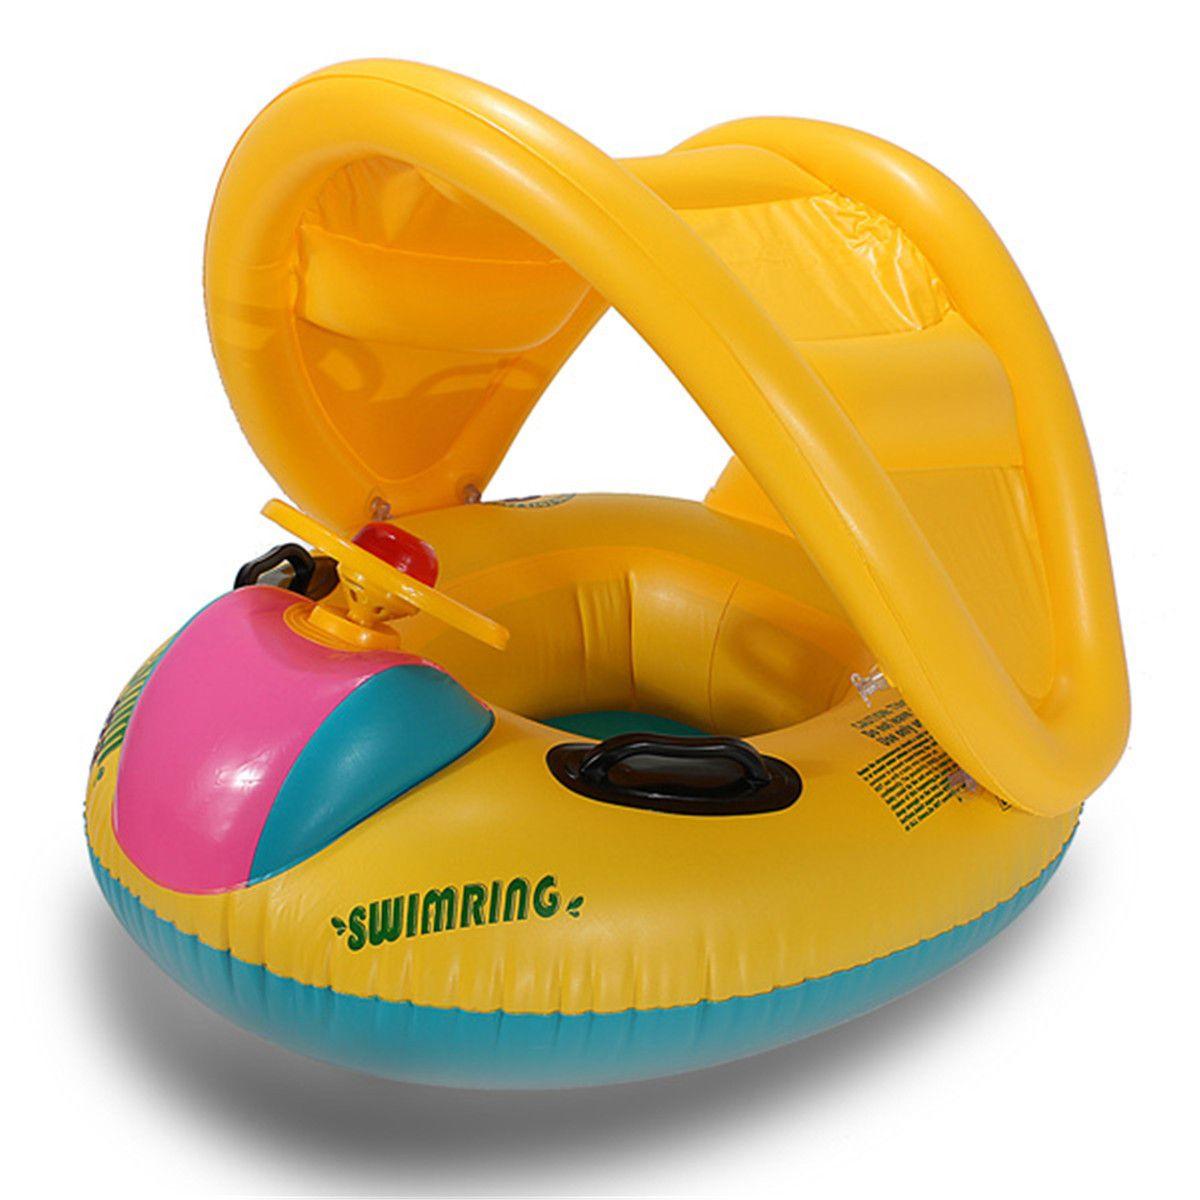 Mother Baby Swim Ring BAMBINI GALLEGGIANTE DI SICUREZZA SEDILE PISCINA parasole gonfiabile